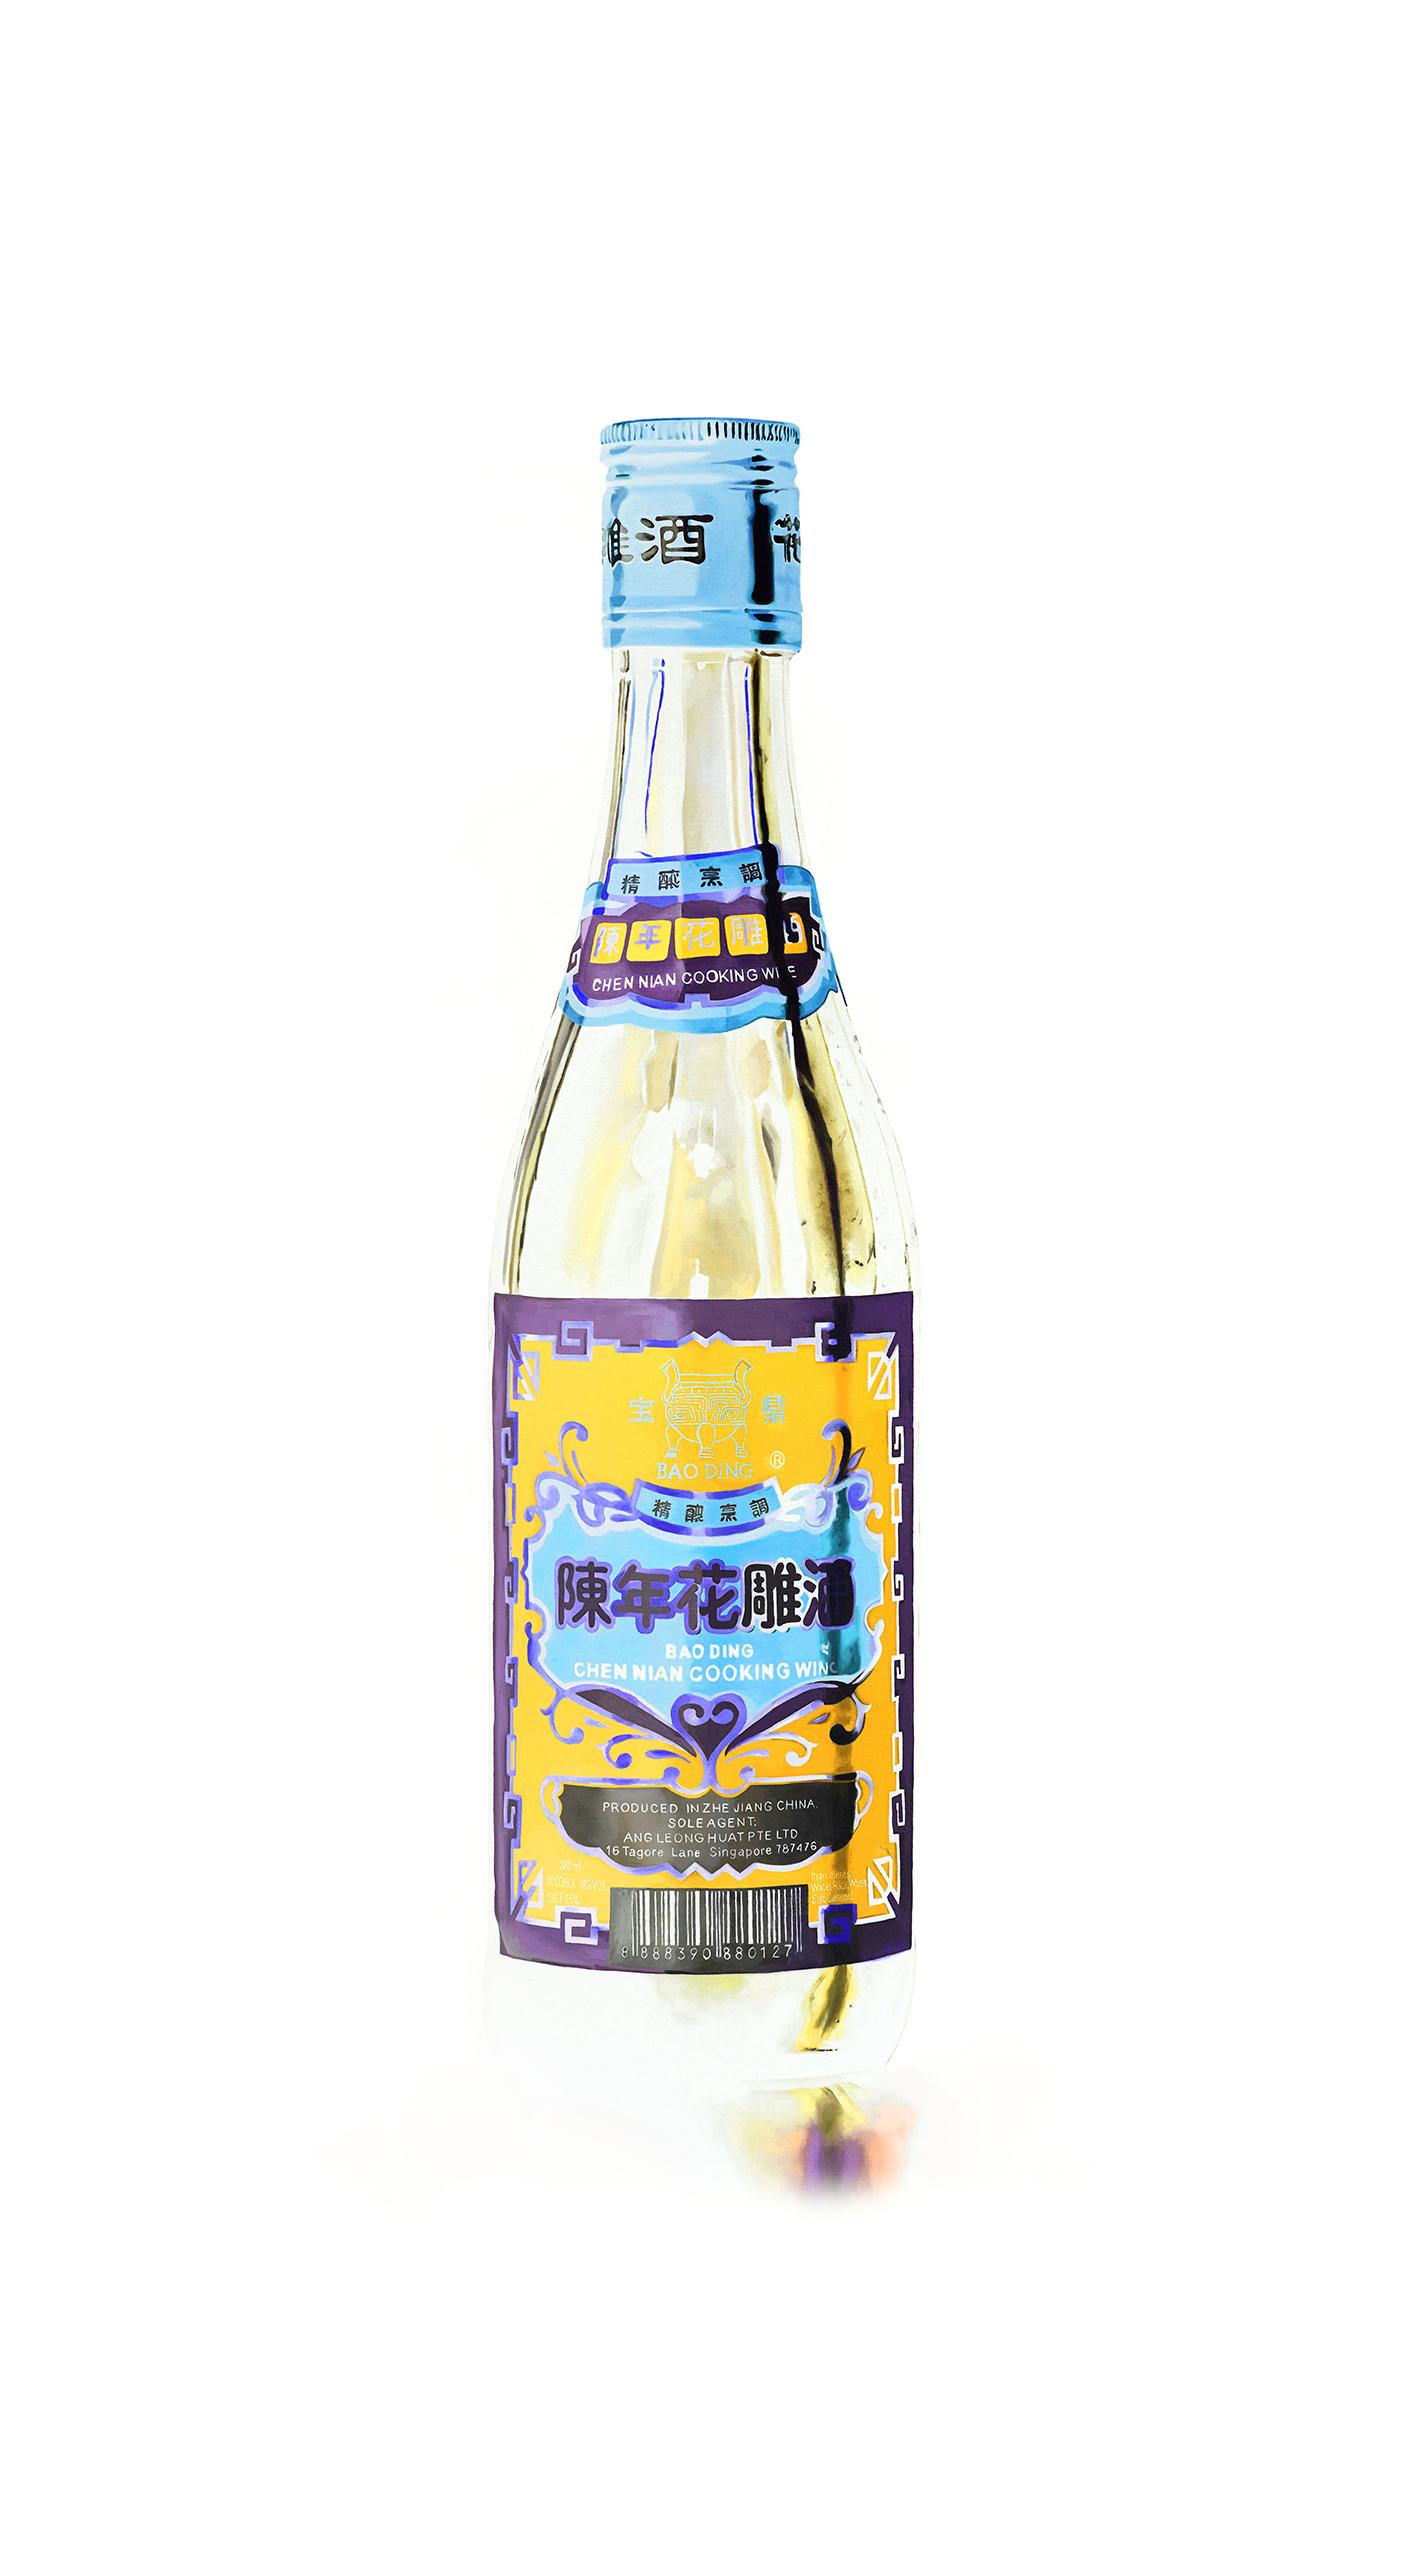 Bottle #3a